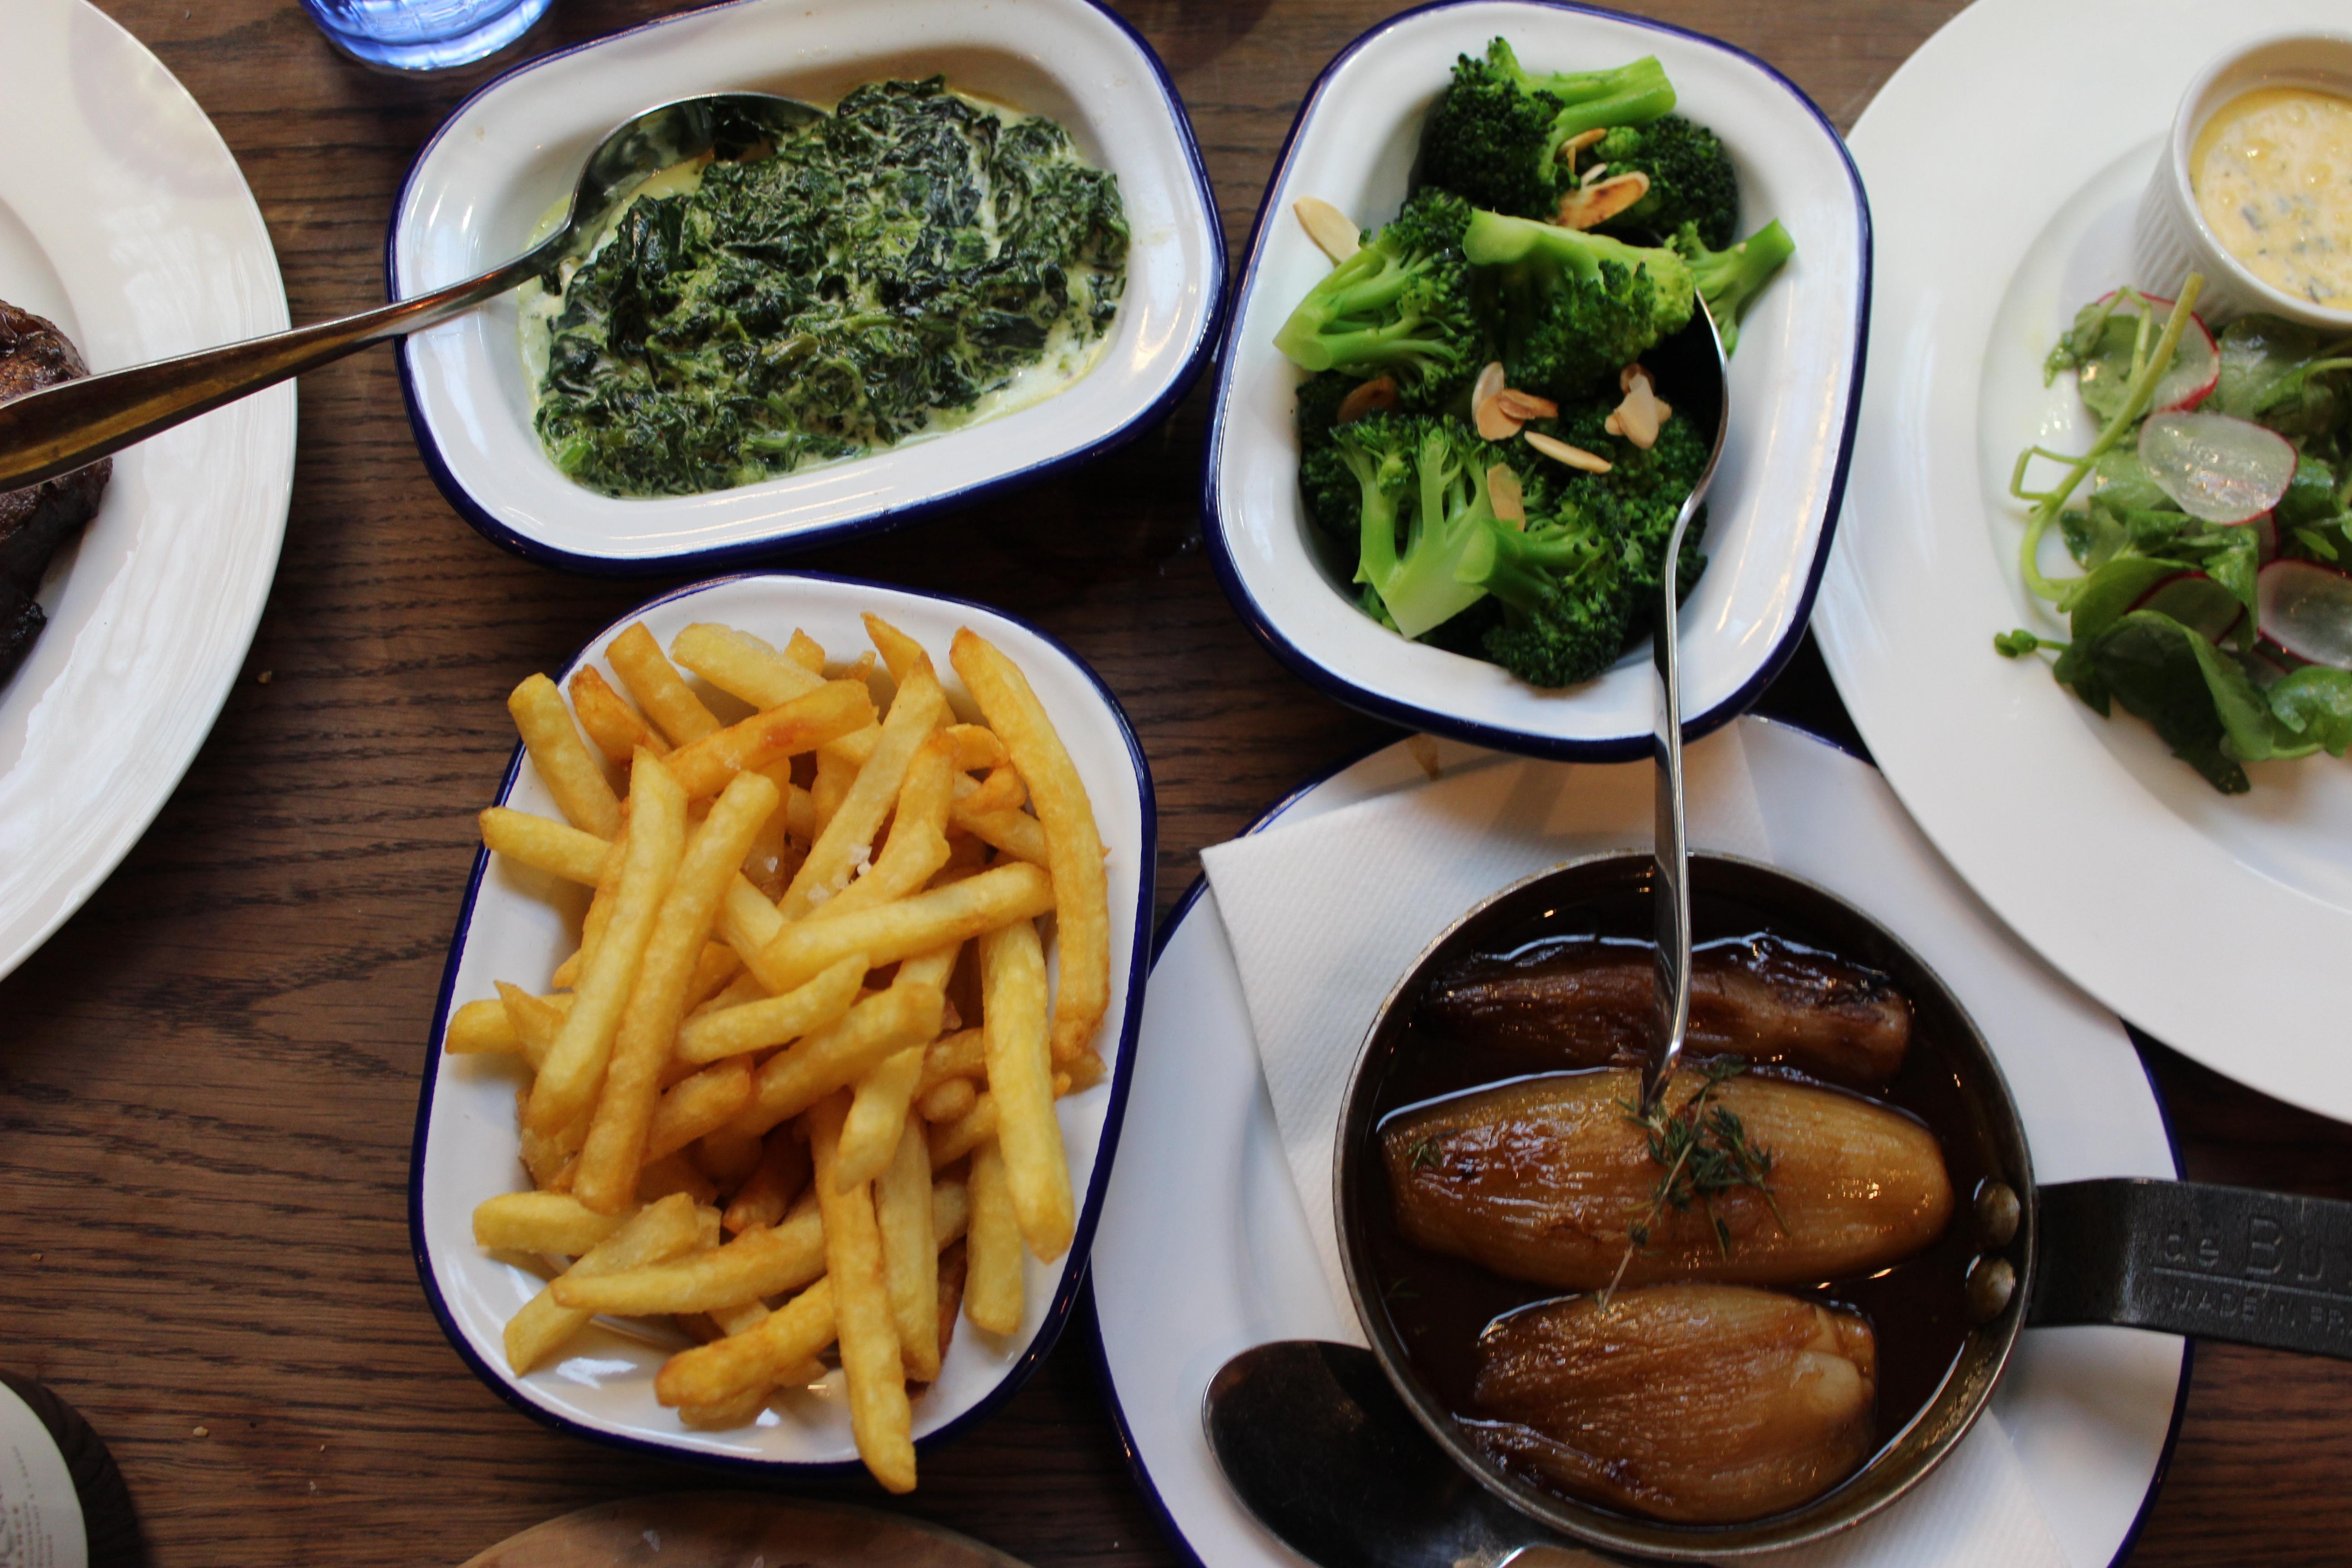 Bordelaise side dishes